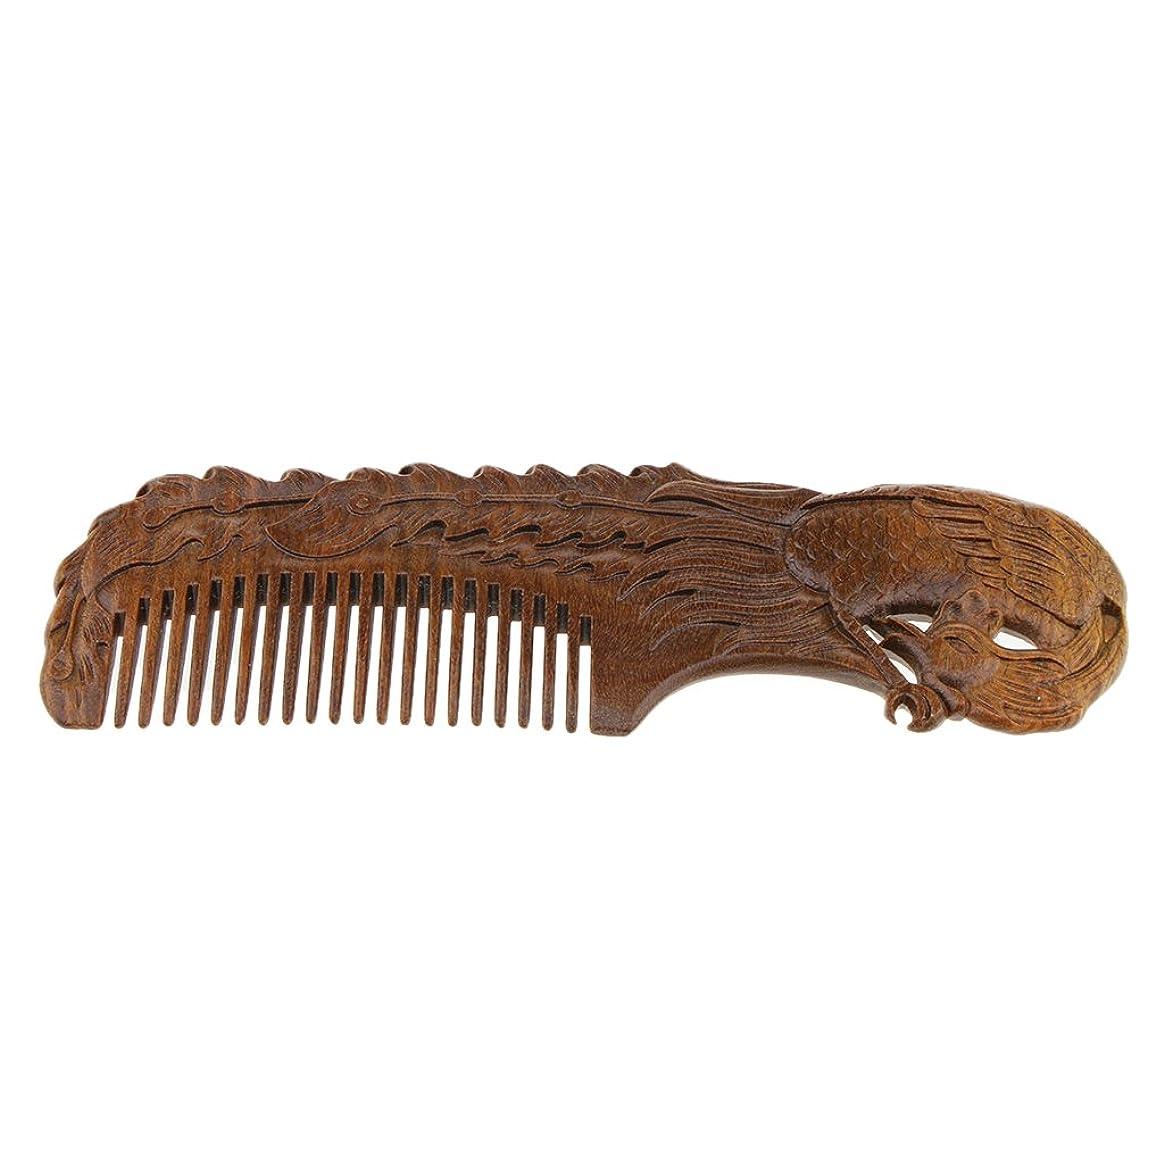 変化するバッチシャンパンウッドコーム 木製櫛 高品質 ナチュラル ワイド歯 ヘアブラシ ヘアスタイリング デタングリングコーム 2タイプ - Phoenix